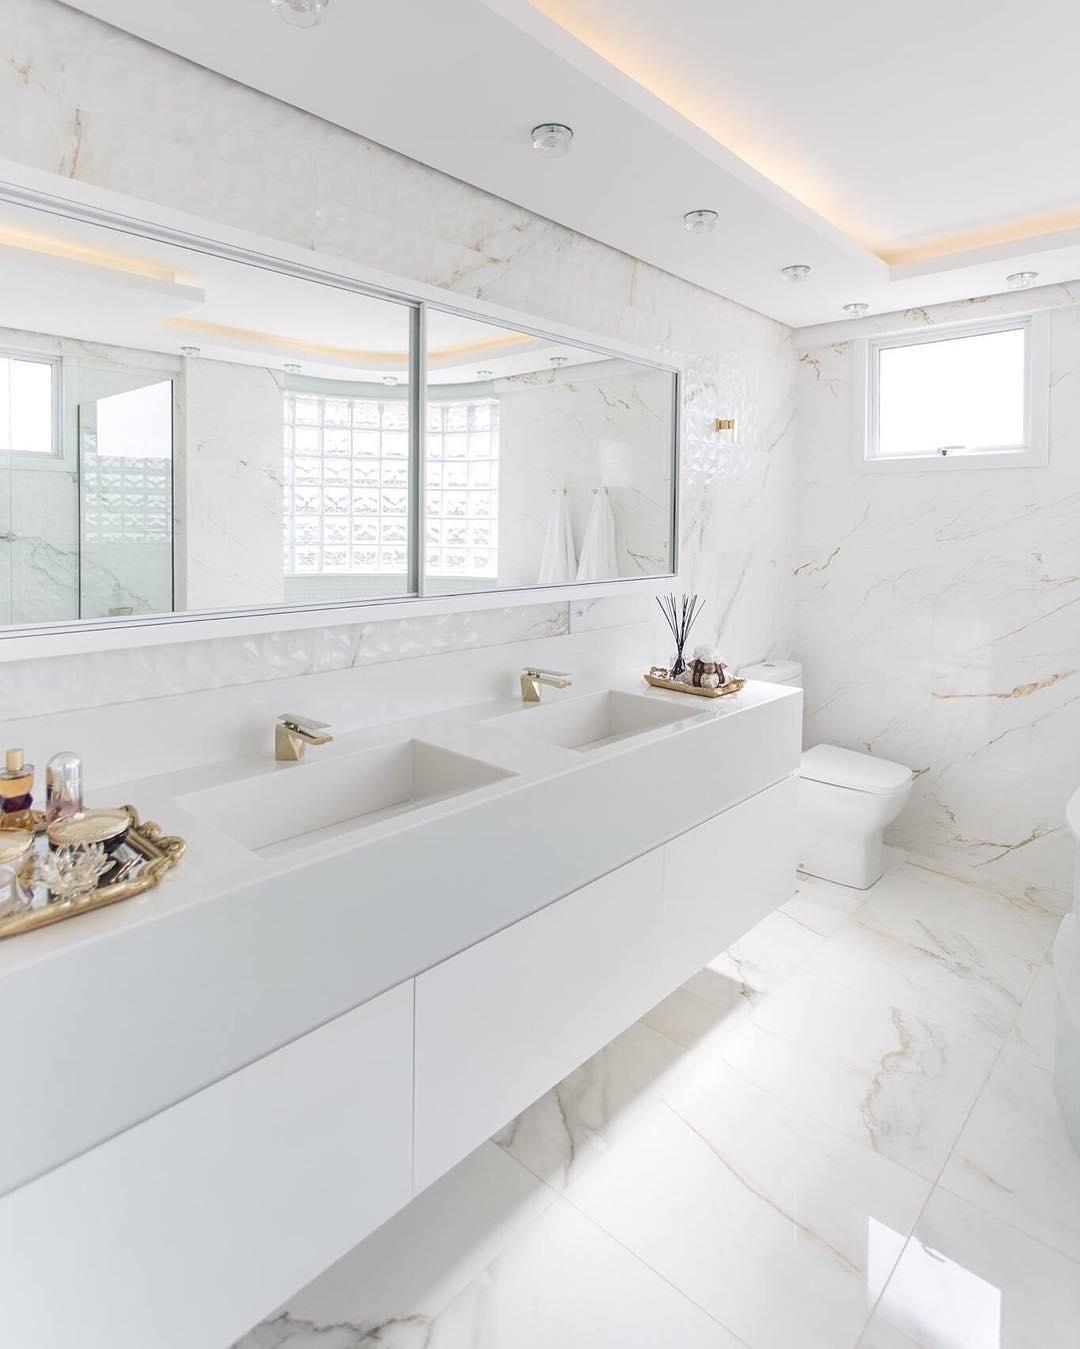 Cubas Esculpidas 50 Modelos Para Seu Banheiro Dicas Decor